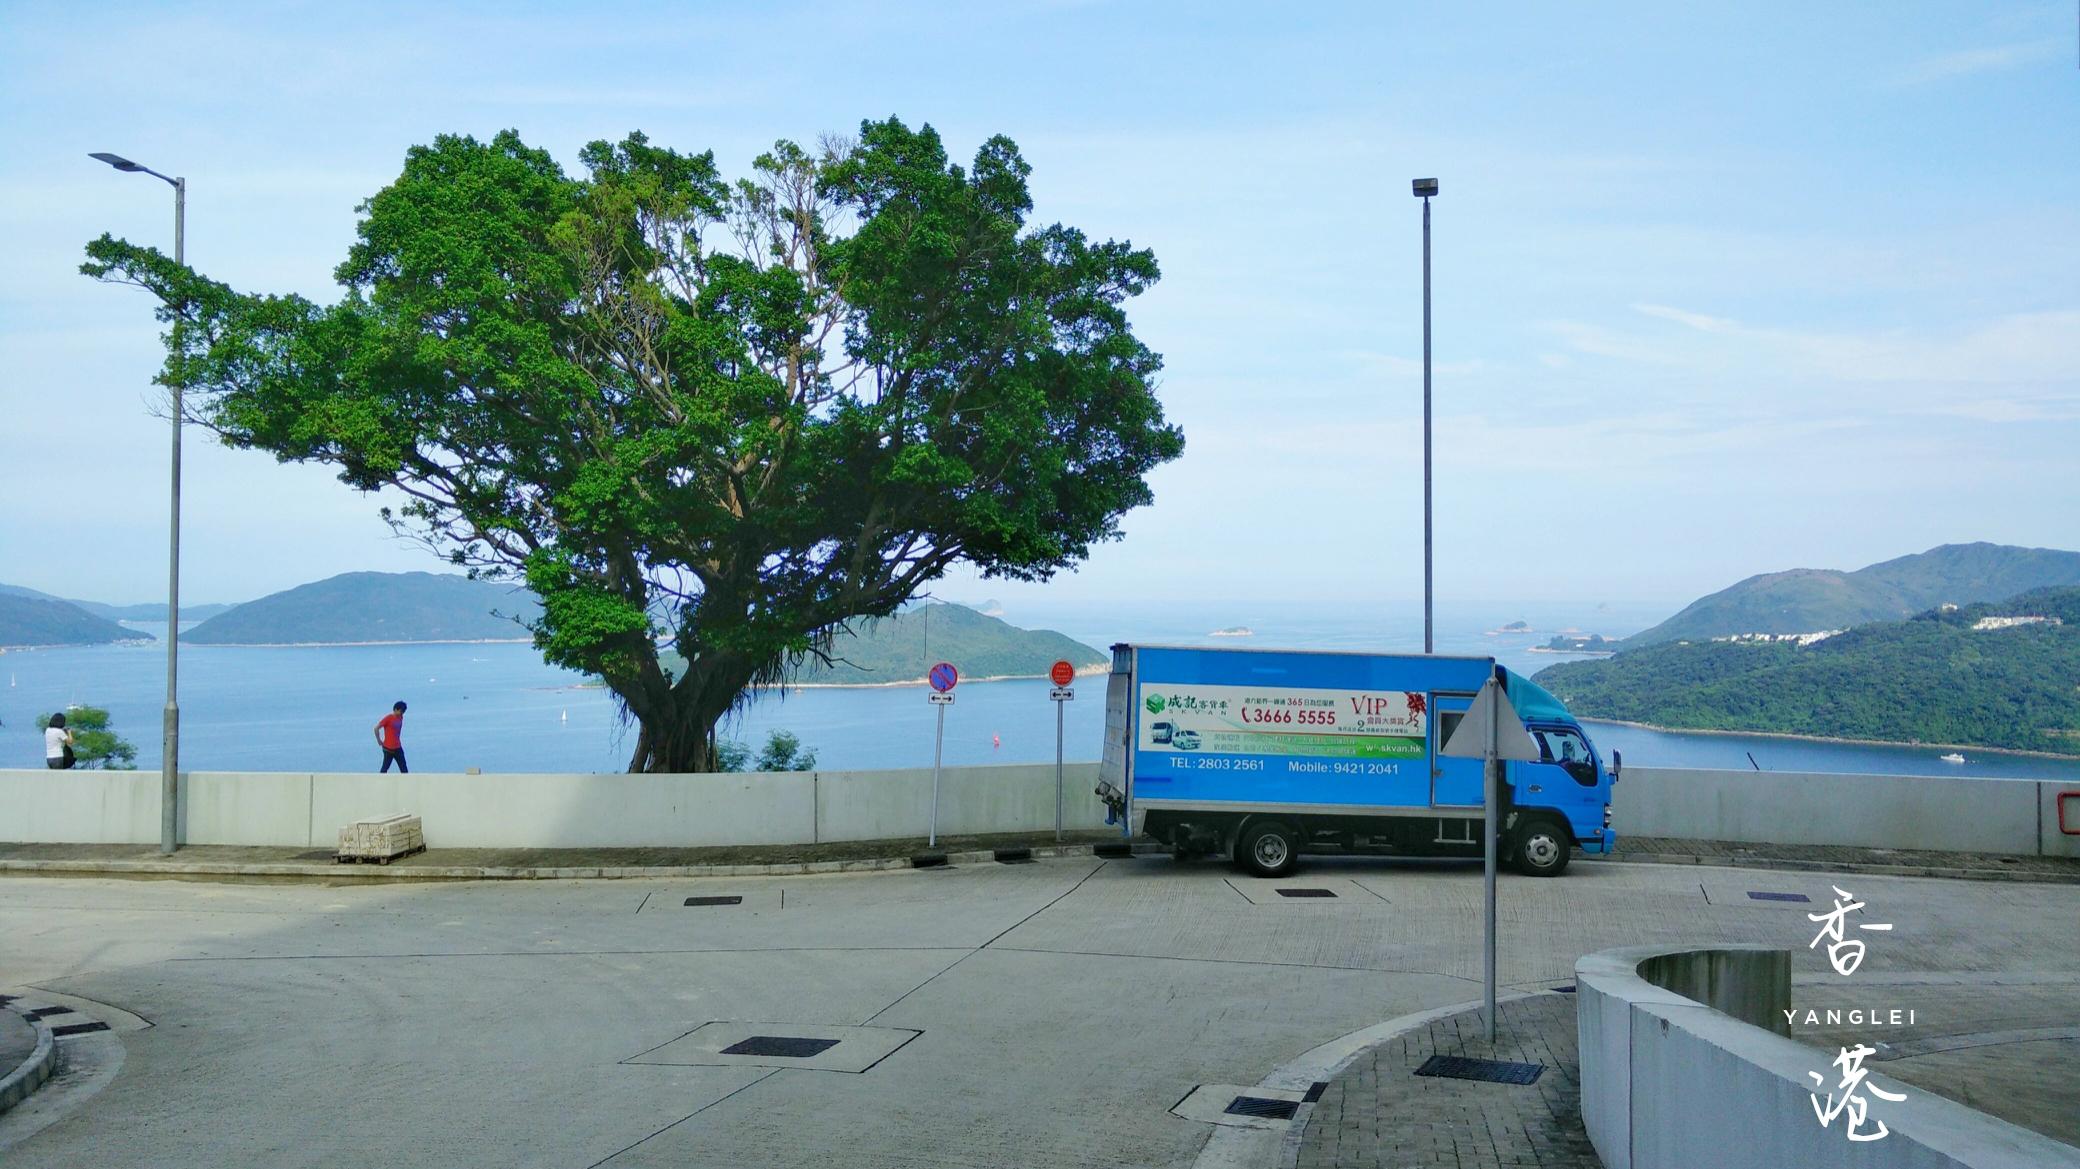 香港科技大学海边的车和树